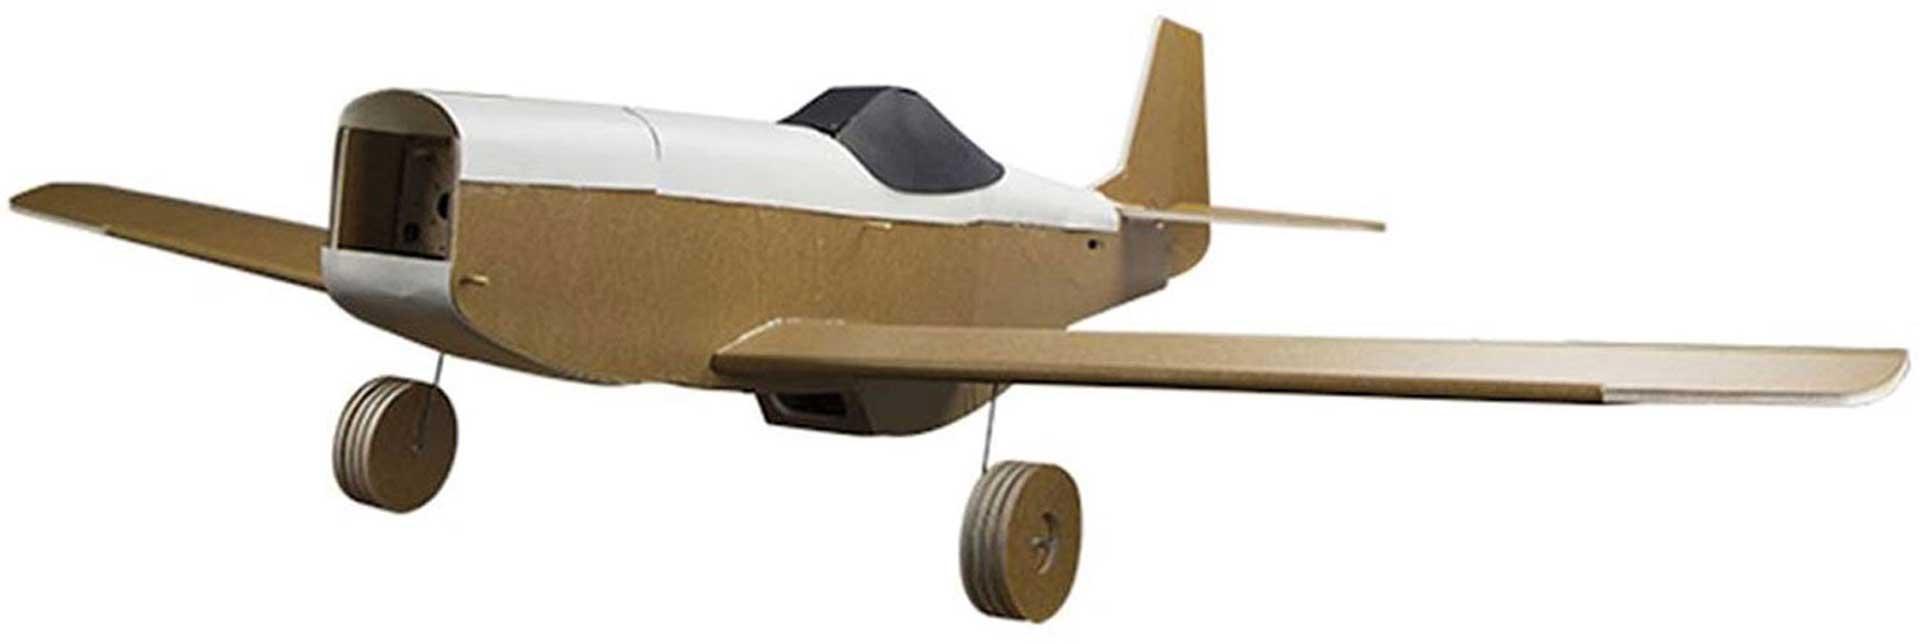 FLITE TEST FT Mustang Speed Build Kit